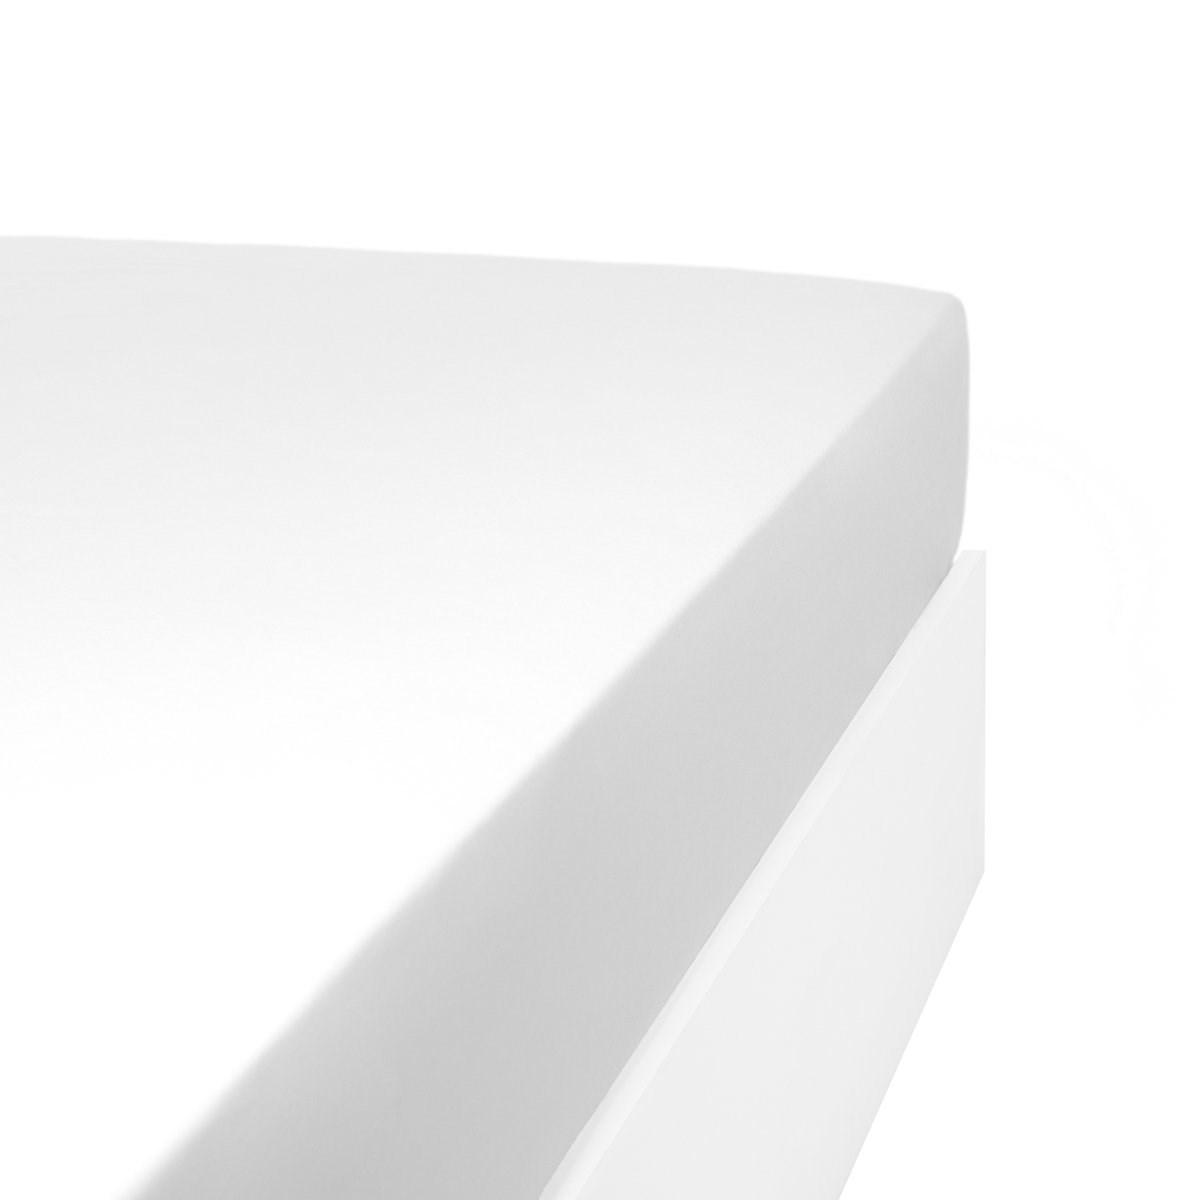 Drap housse jersey extensible lit double en coton blanc 70x190 cm